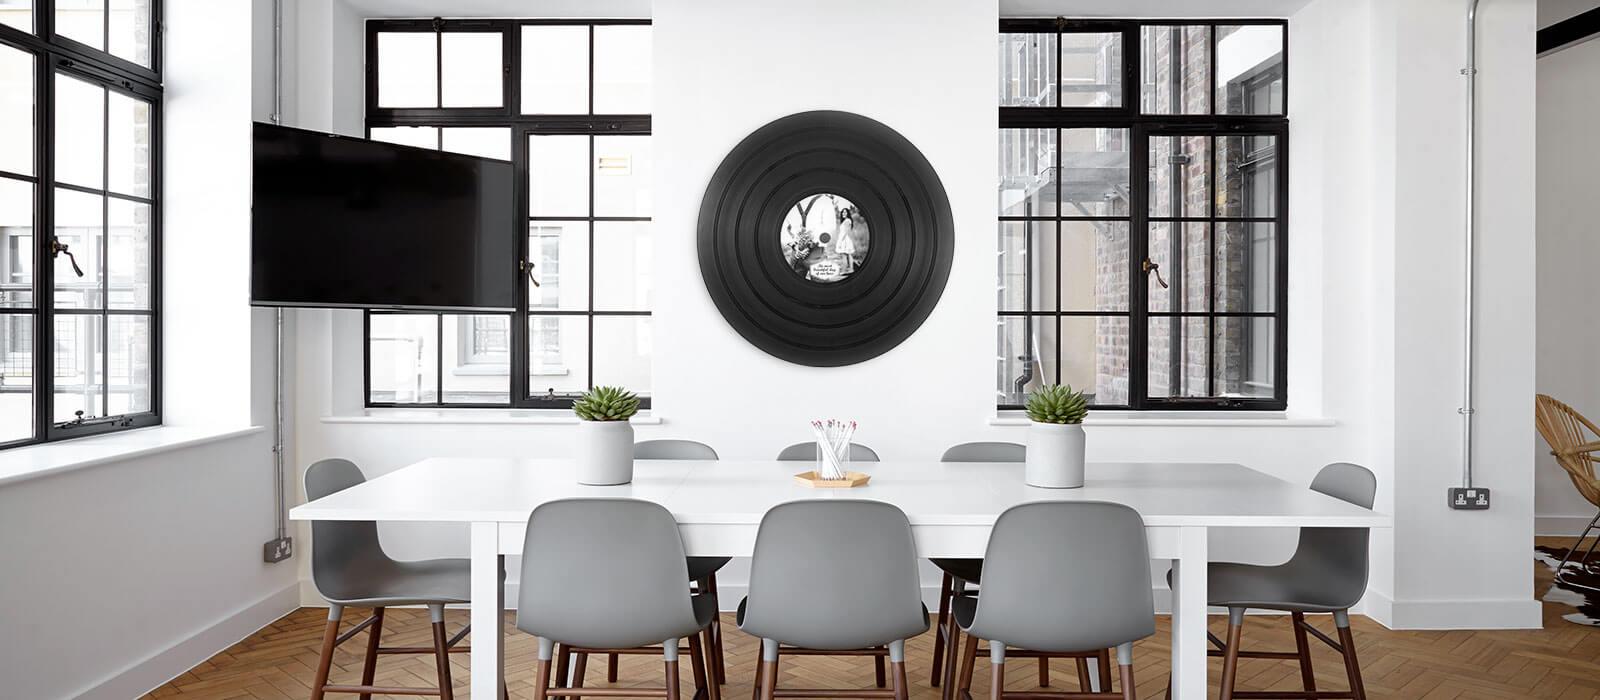 grand vinyle dans bureau dune entreprise stratégie-up decoration loft